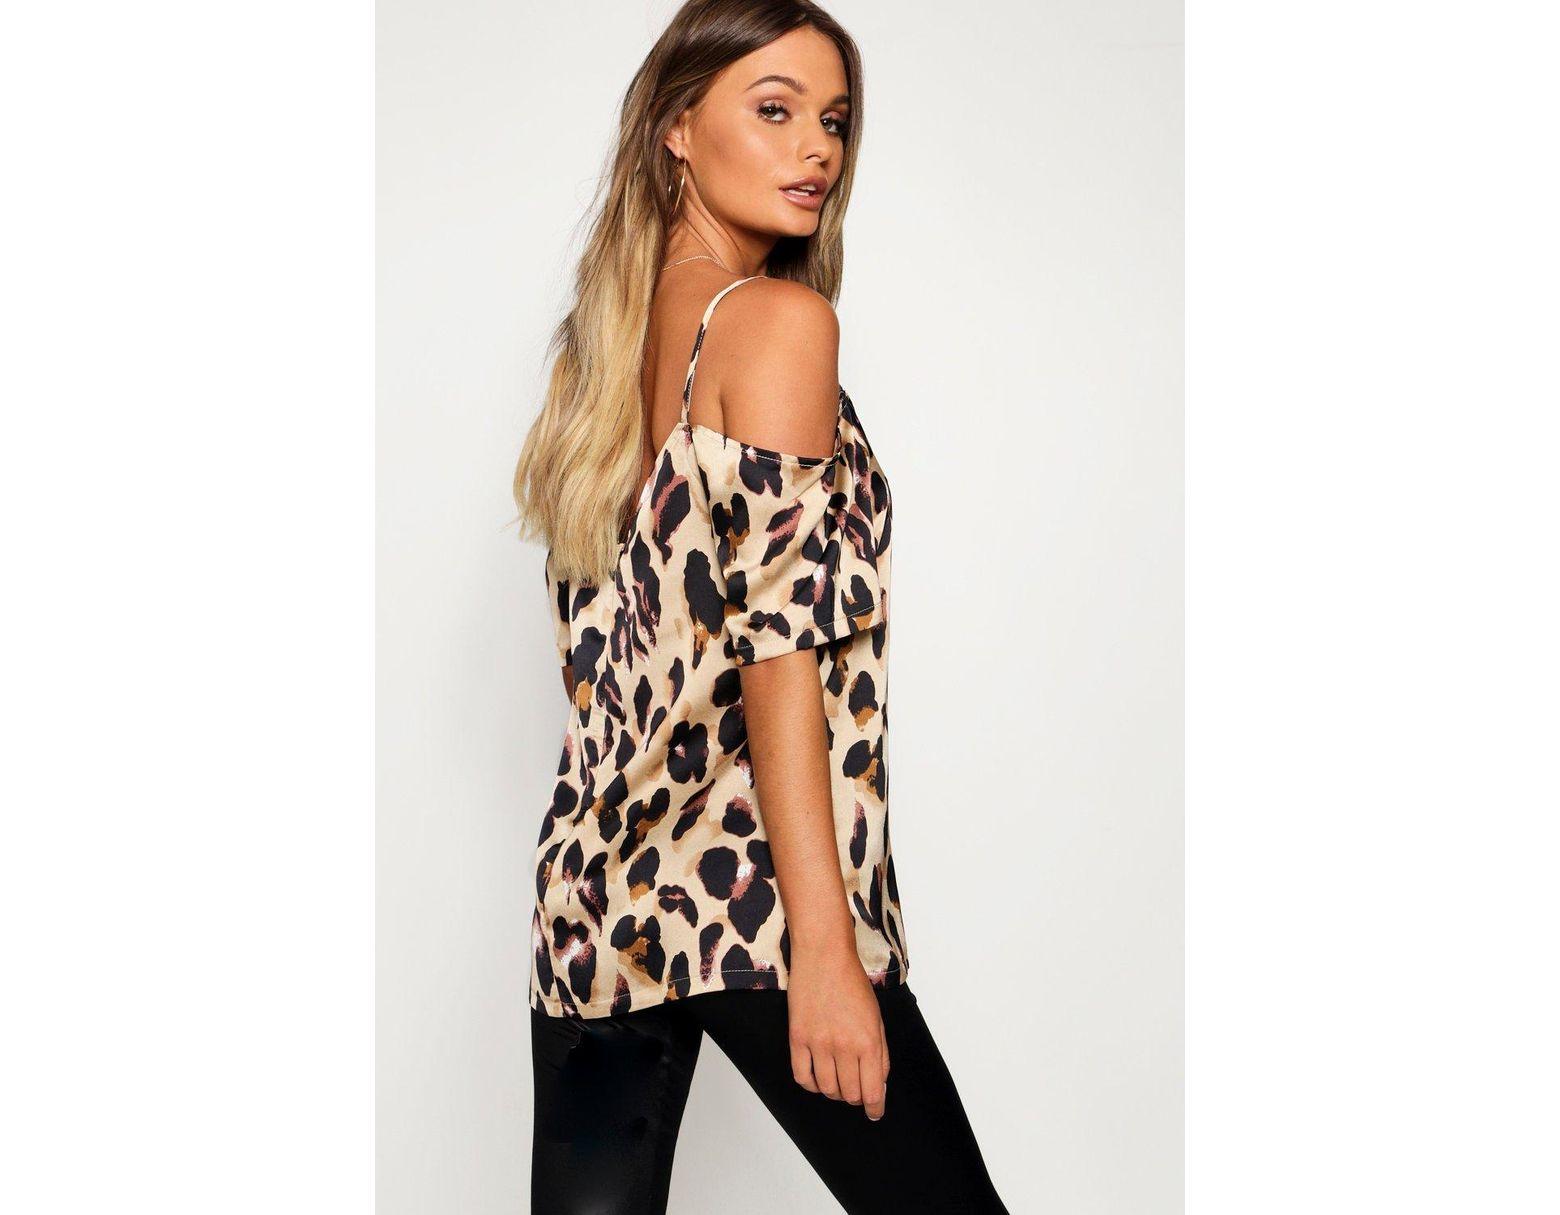 e1b13563bd0 Boohoo Leopard Print Woven Cold Shoulder Top - Lyst